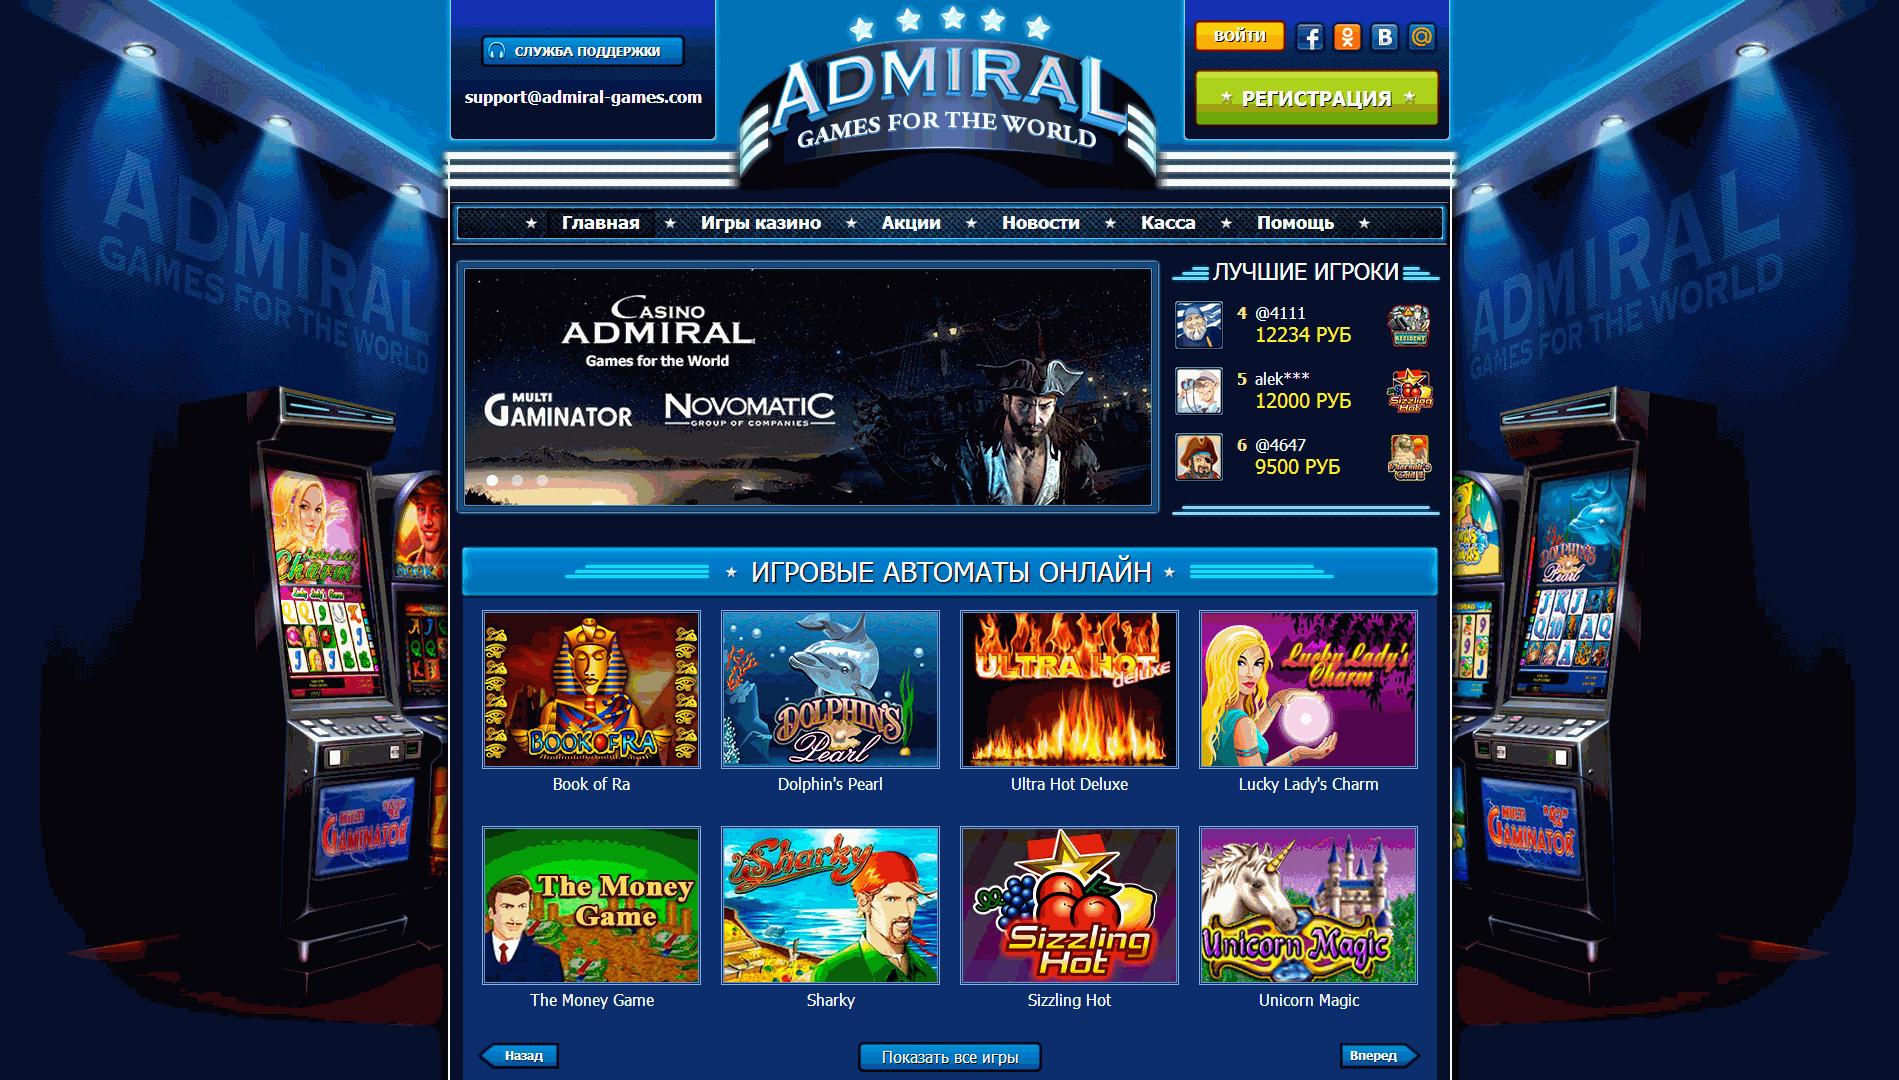 Зеркало игровые автоматы фортуна скачать бесплатно игровой автомат sharky бесплатно